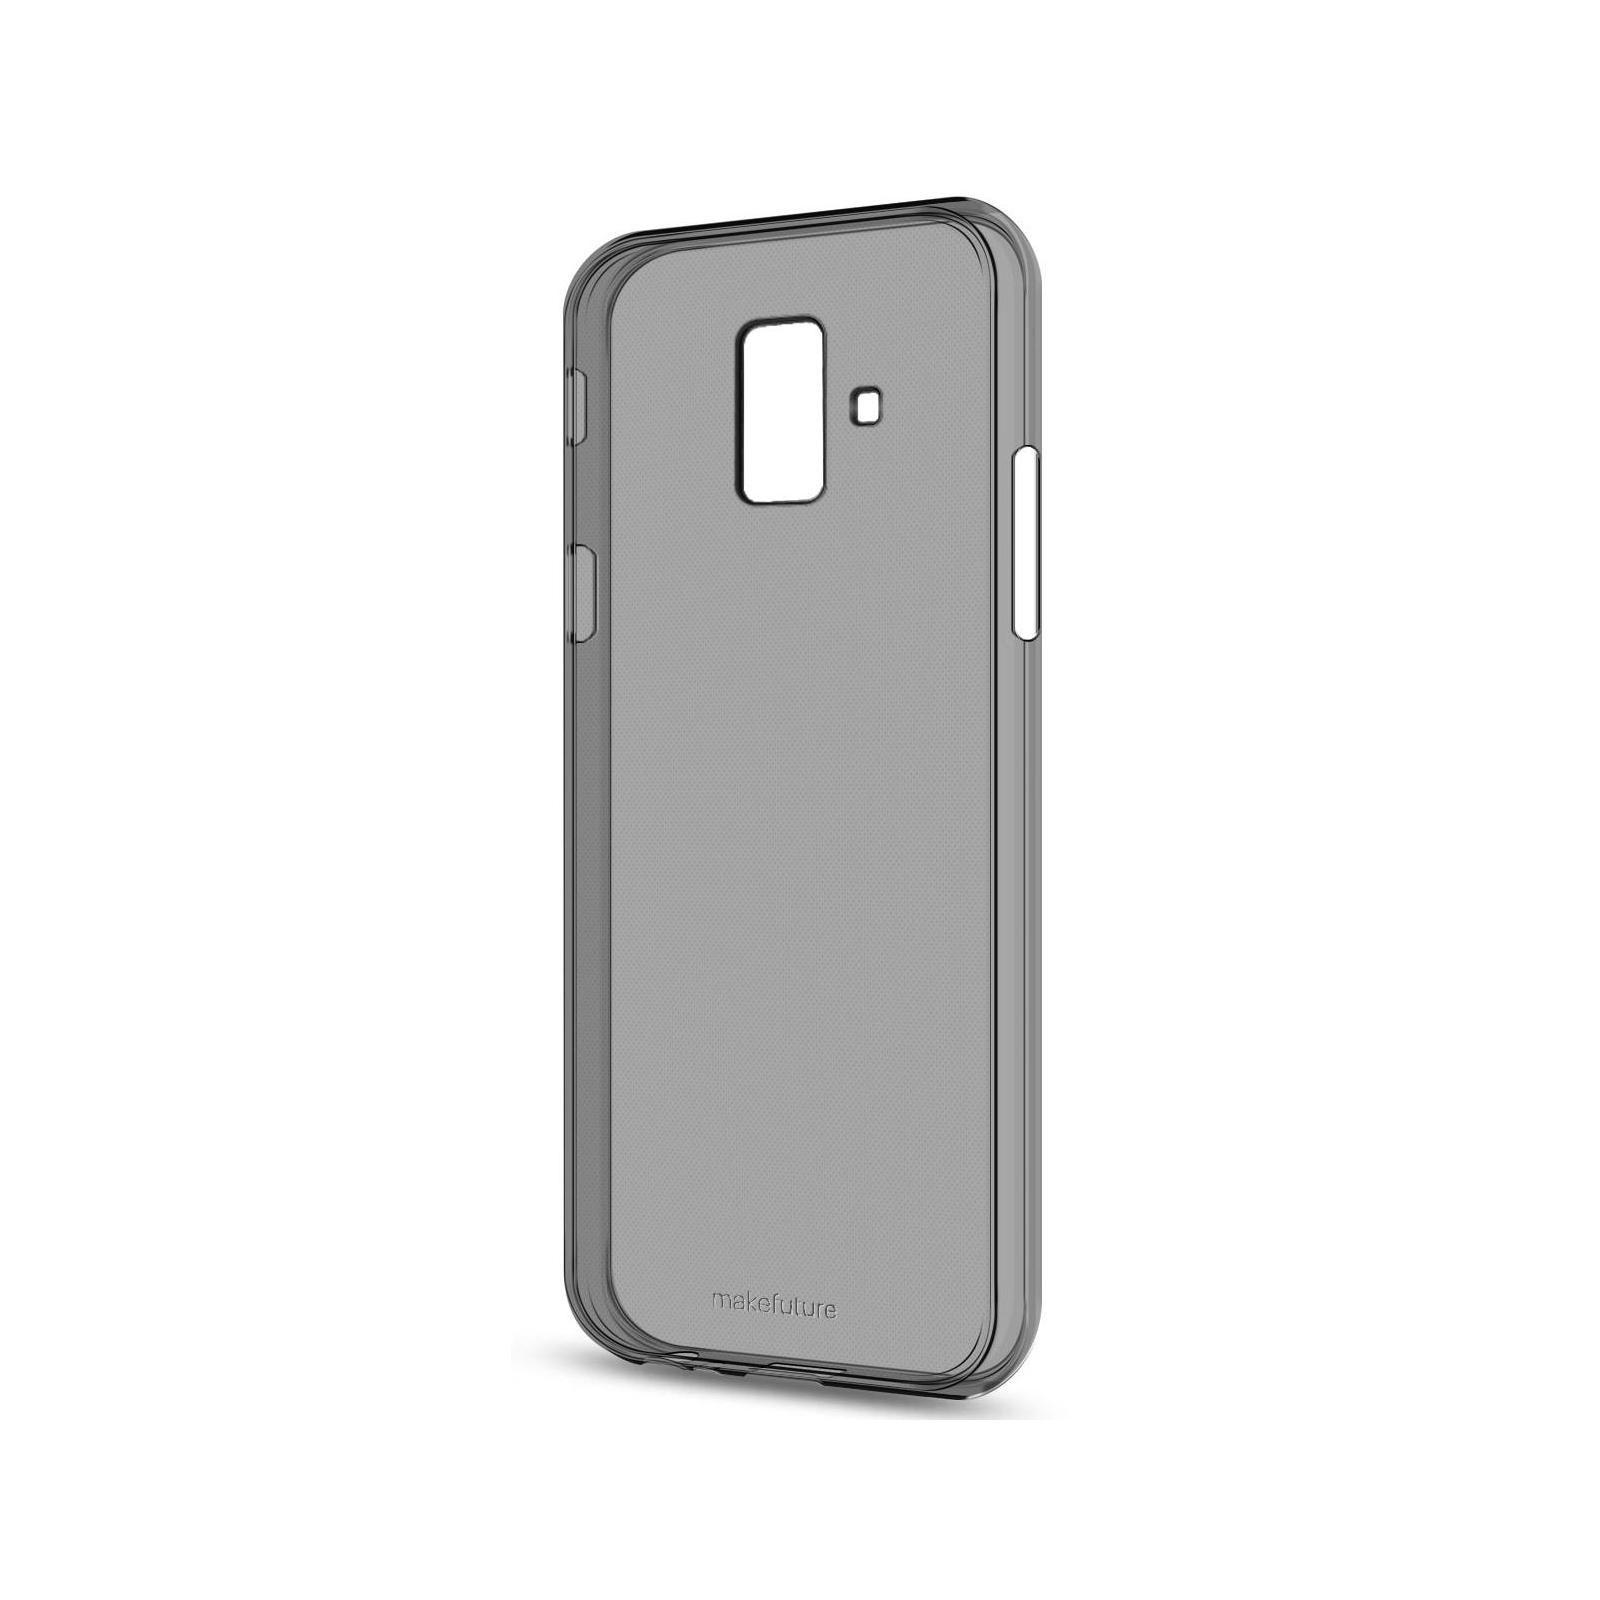 Чехол для моб. телефона MakeFuture Air Case (Clear TPU) Samsung A6 2018 Black (MCA-SA618BK)